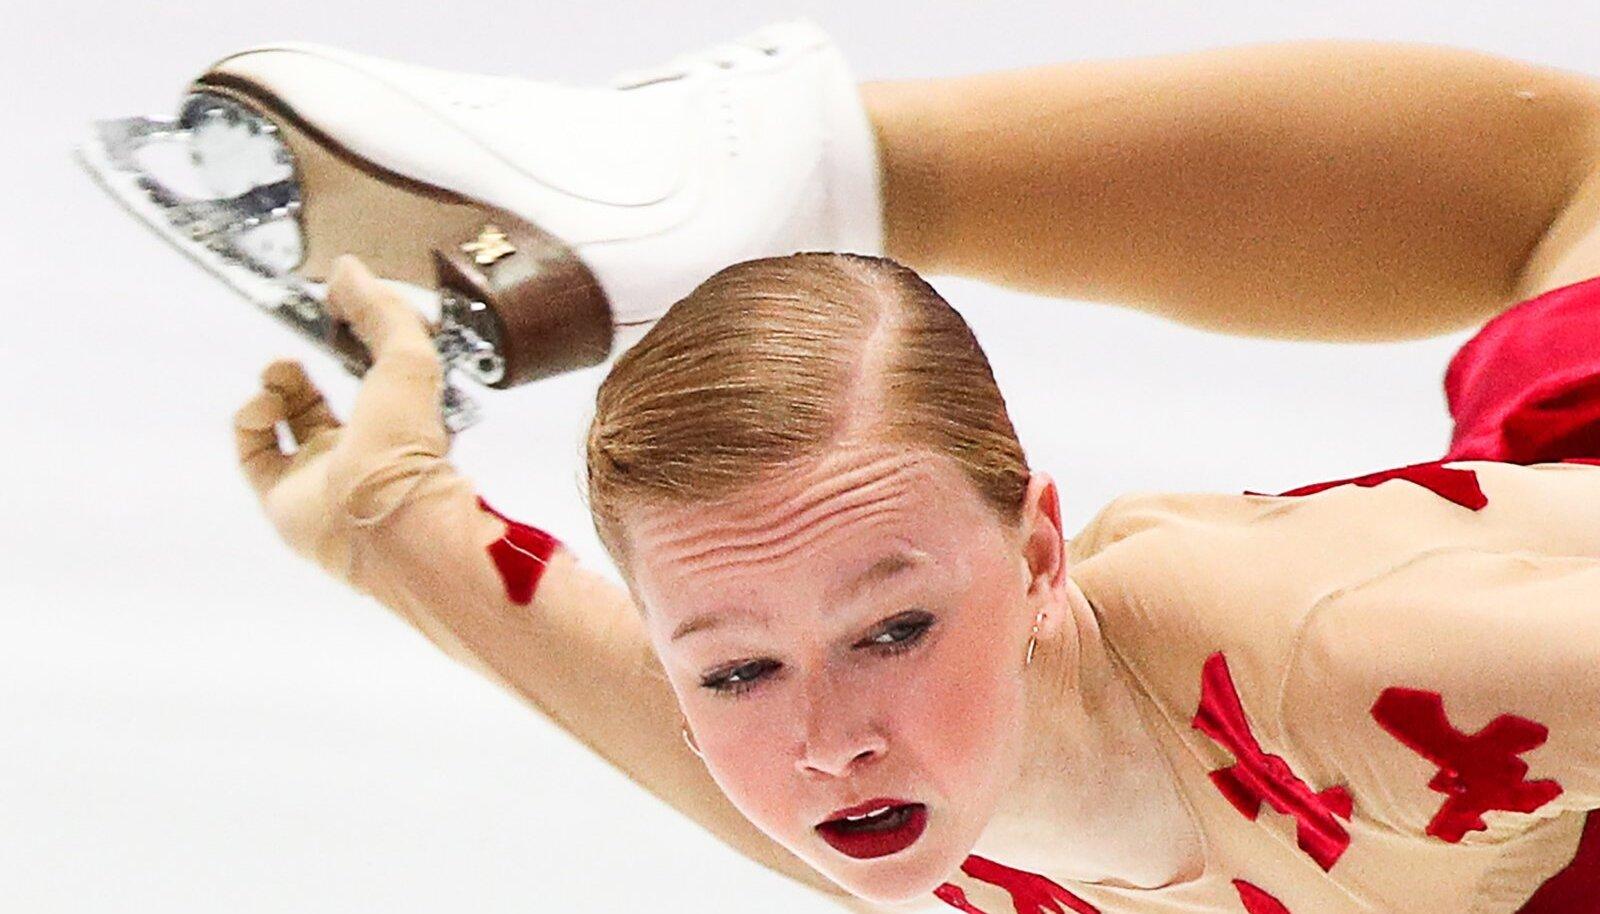 2020 European Figure Skating Championships: Ladies' Free Skating